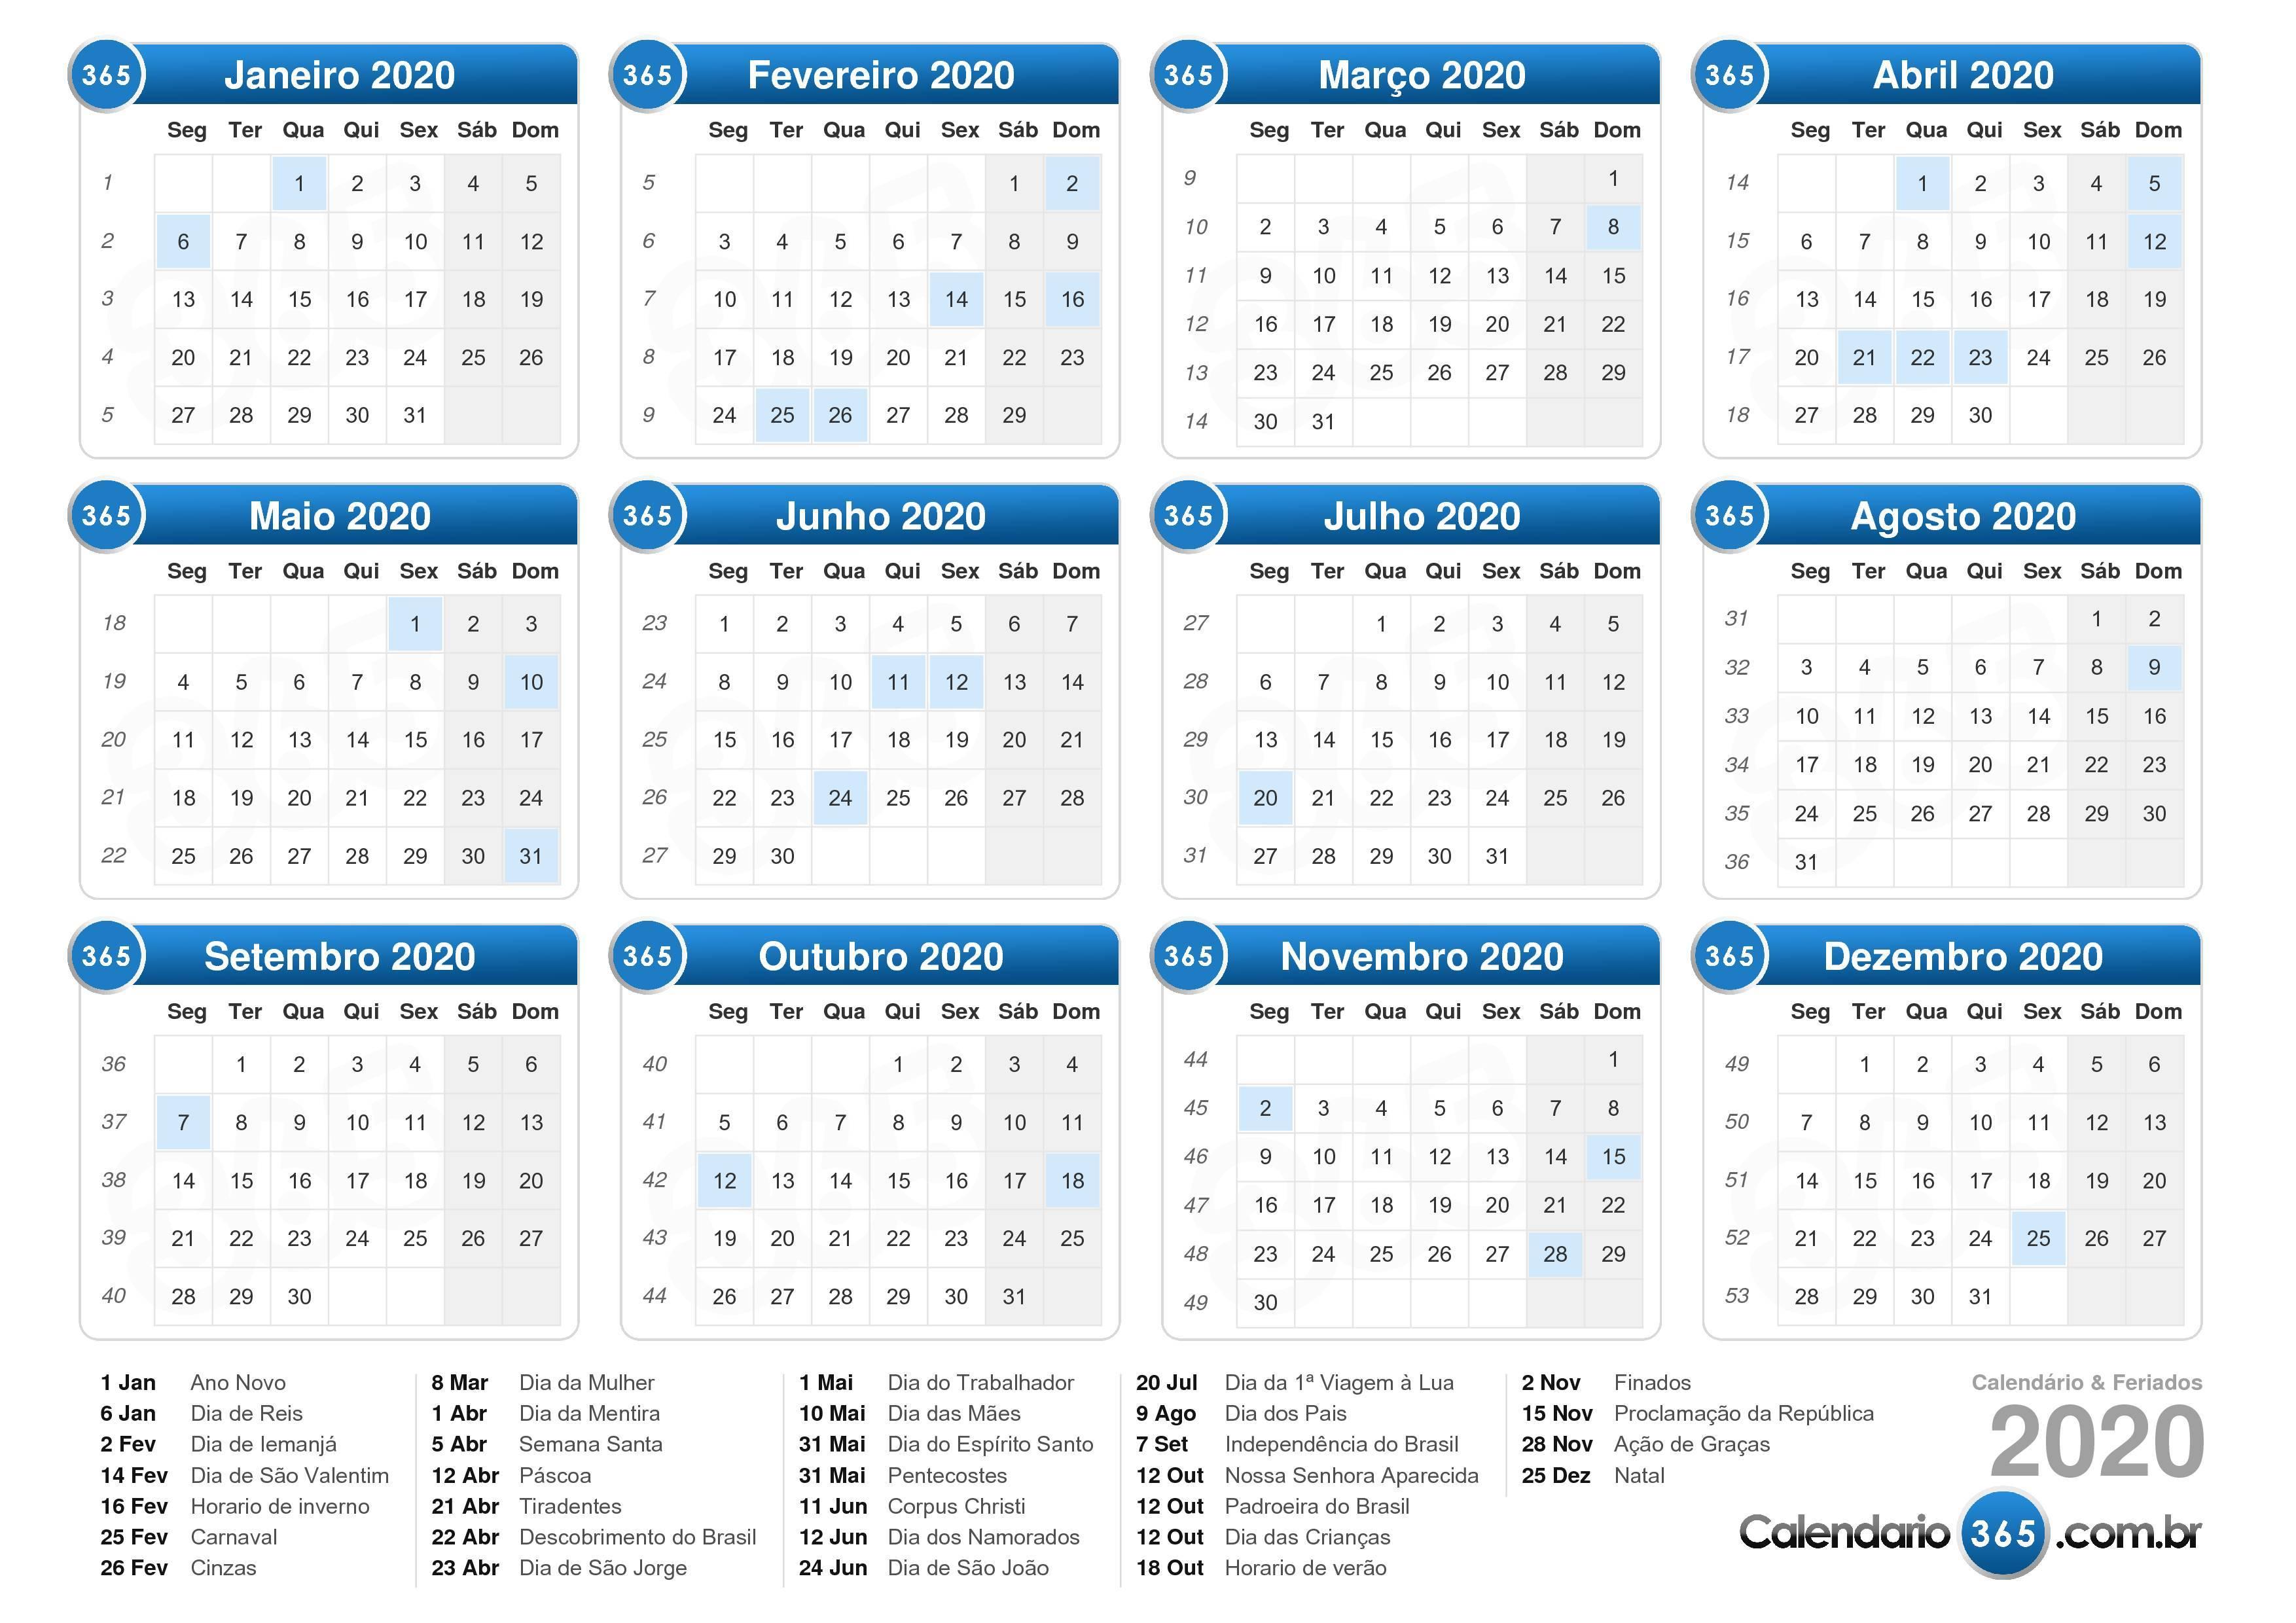 Calendario 2020 Com Feriados Para Impressao.Calendario 2020